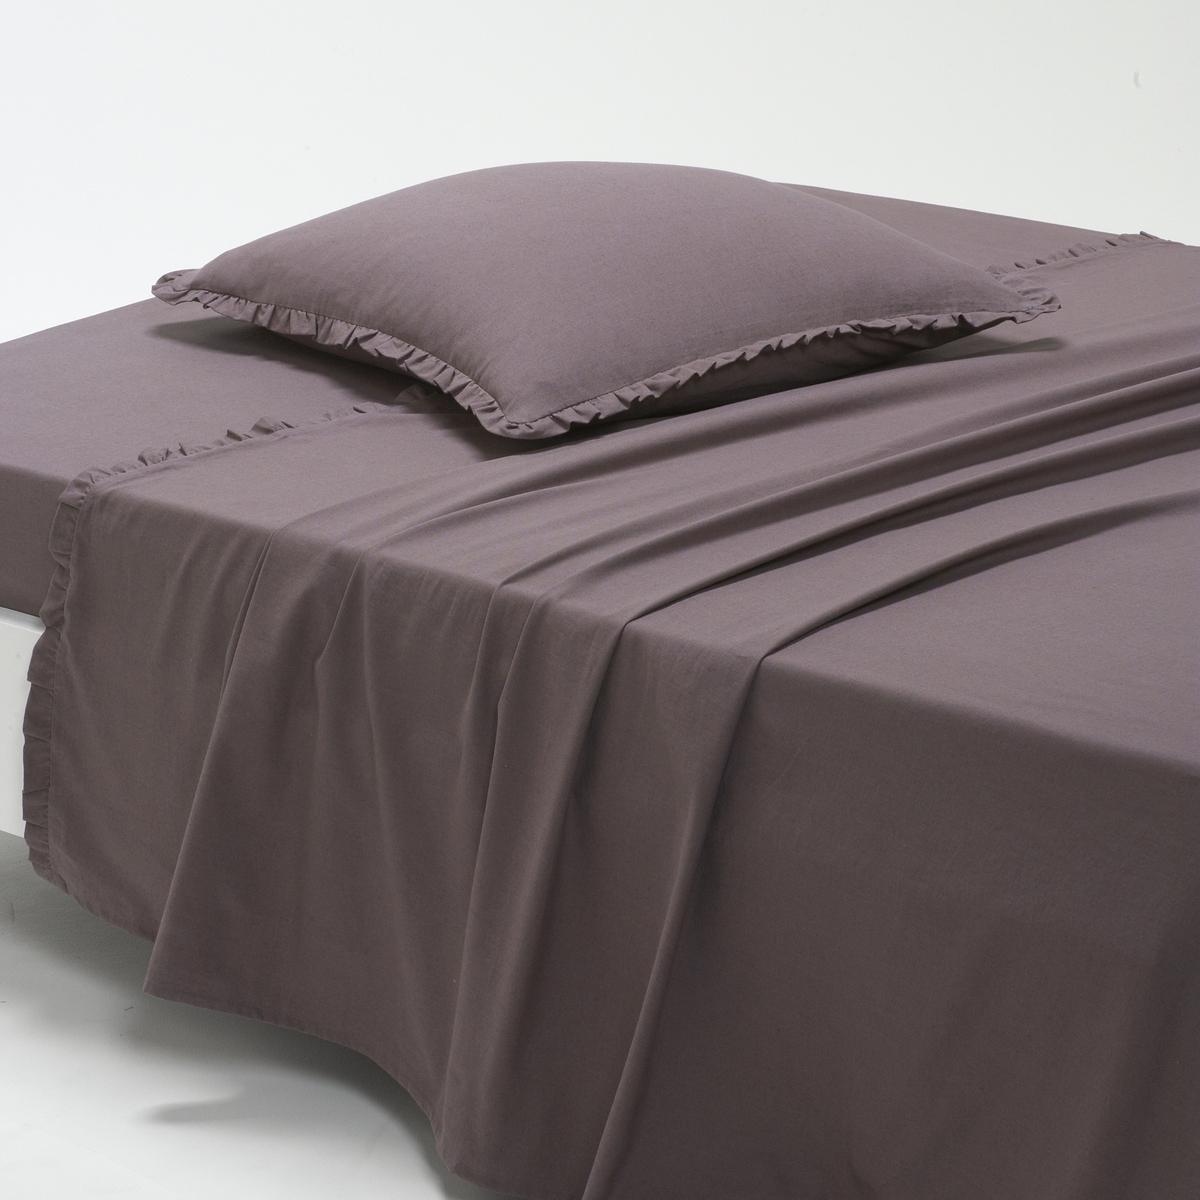 Простыня однотонная из полушерстяной стиранной ткани, OndinaПростыня однотонная из полушерстяной стиранной ткани Ondina для классического и изысканного стиля !Описание простыни Ondina :- Полушерстяная ткань, 55% хлопка, 45% льна, аутентичная и прочная, стиранная ткань для повышенной нежности и мягкости..Машинная стирка при 60 °С.- Отделка двойным воланом, со складками.  Размеры:180 x 290 см : 1-сп.240 х 290 см : 2-сп.270 x 290 см : 2-сп.<br><br>Цвет: серо-фиолетовый